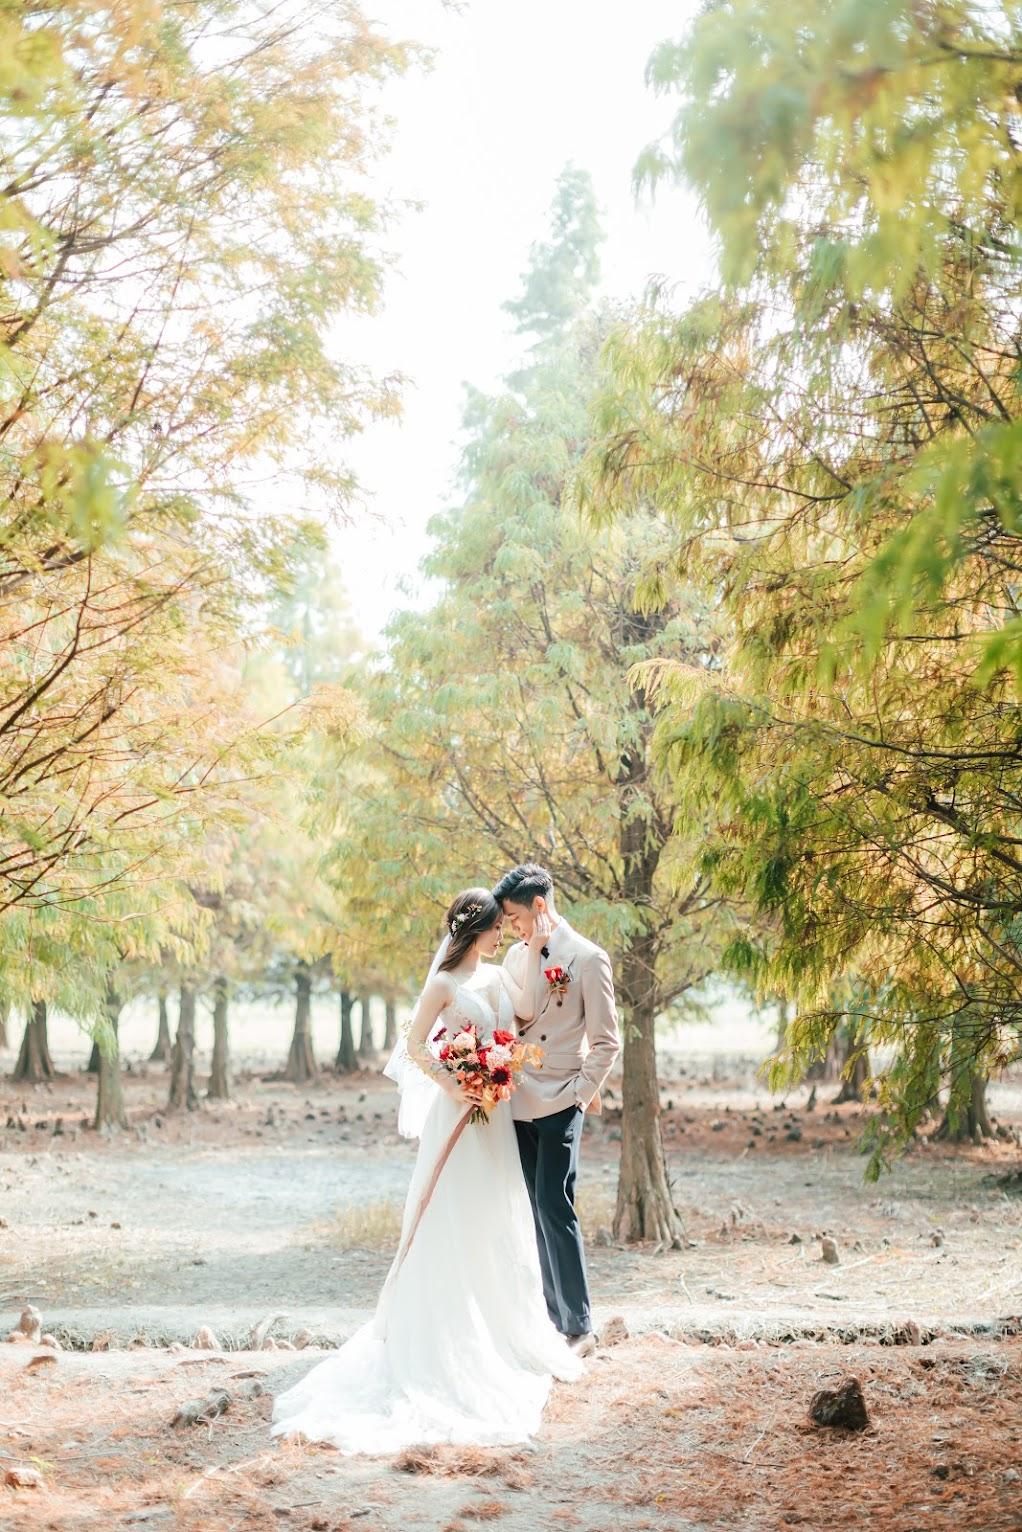 台中美式自助婚紗外拍攝景點-落羽松